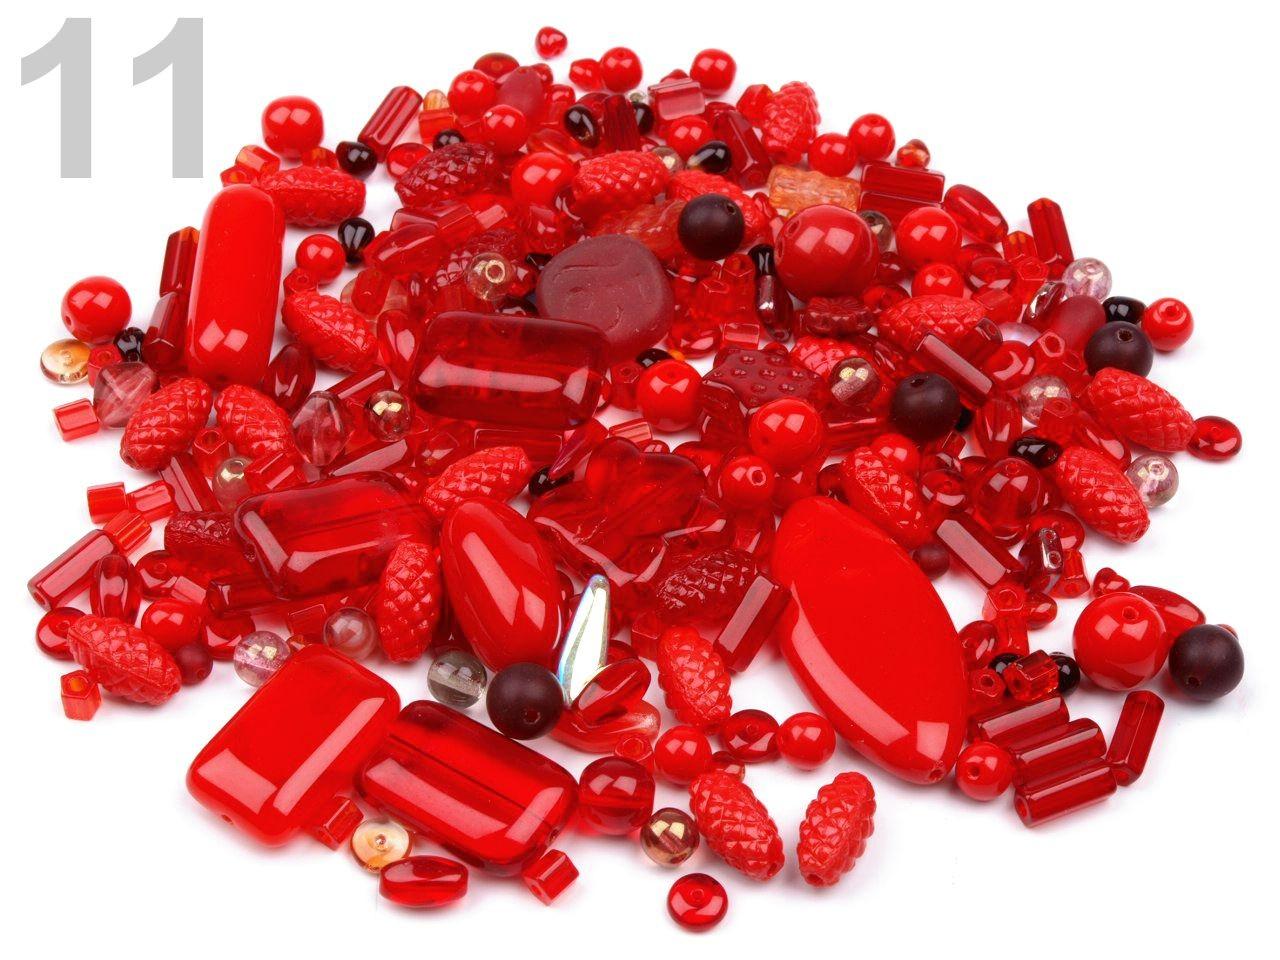 Korálky ramš 1000g I.jakost ČESKÝ VÝROBEK 150g - 2 Kč / g 11 červená jahoda